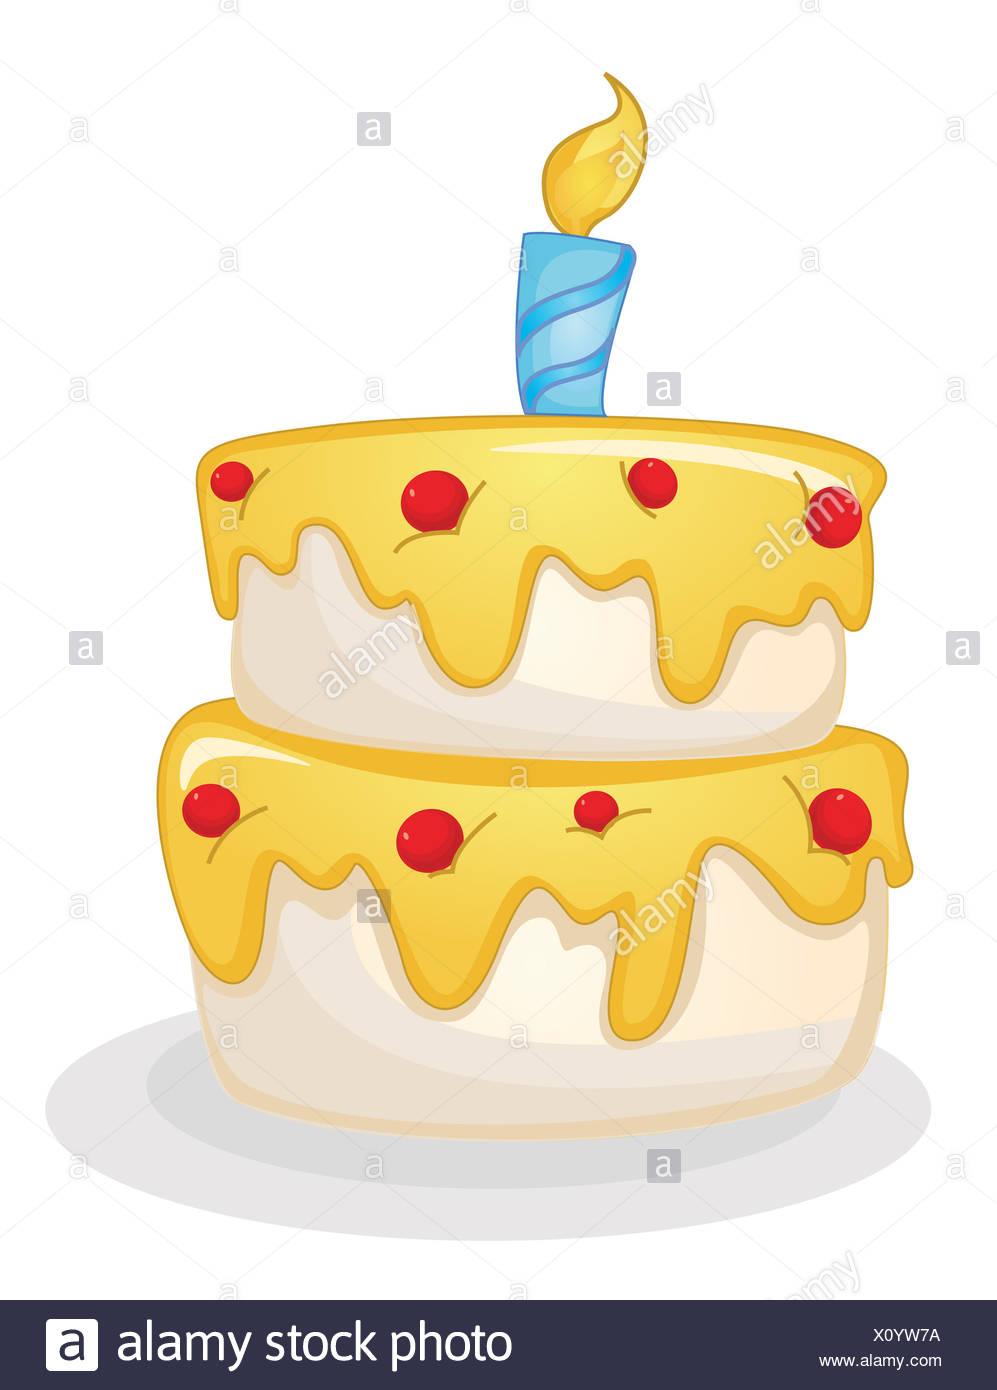 Cartoon Cake Stock Photos & Cartoon Cake Stock Images - Alamy